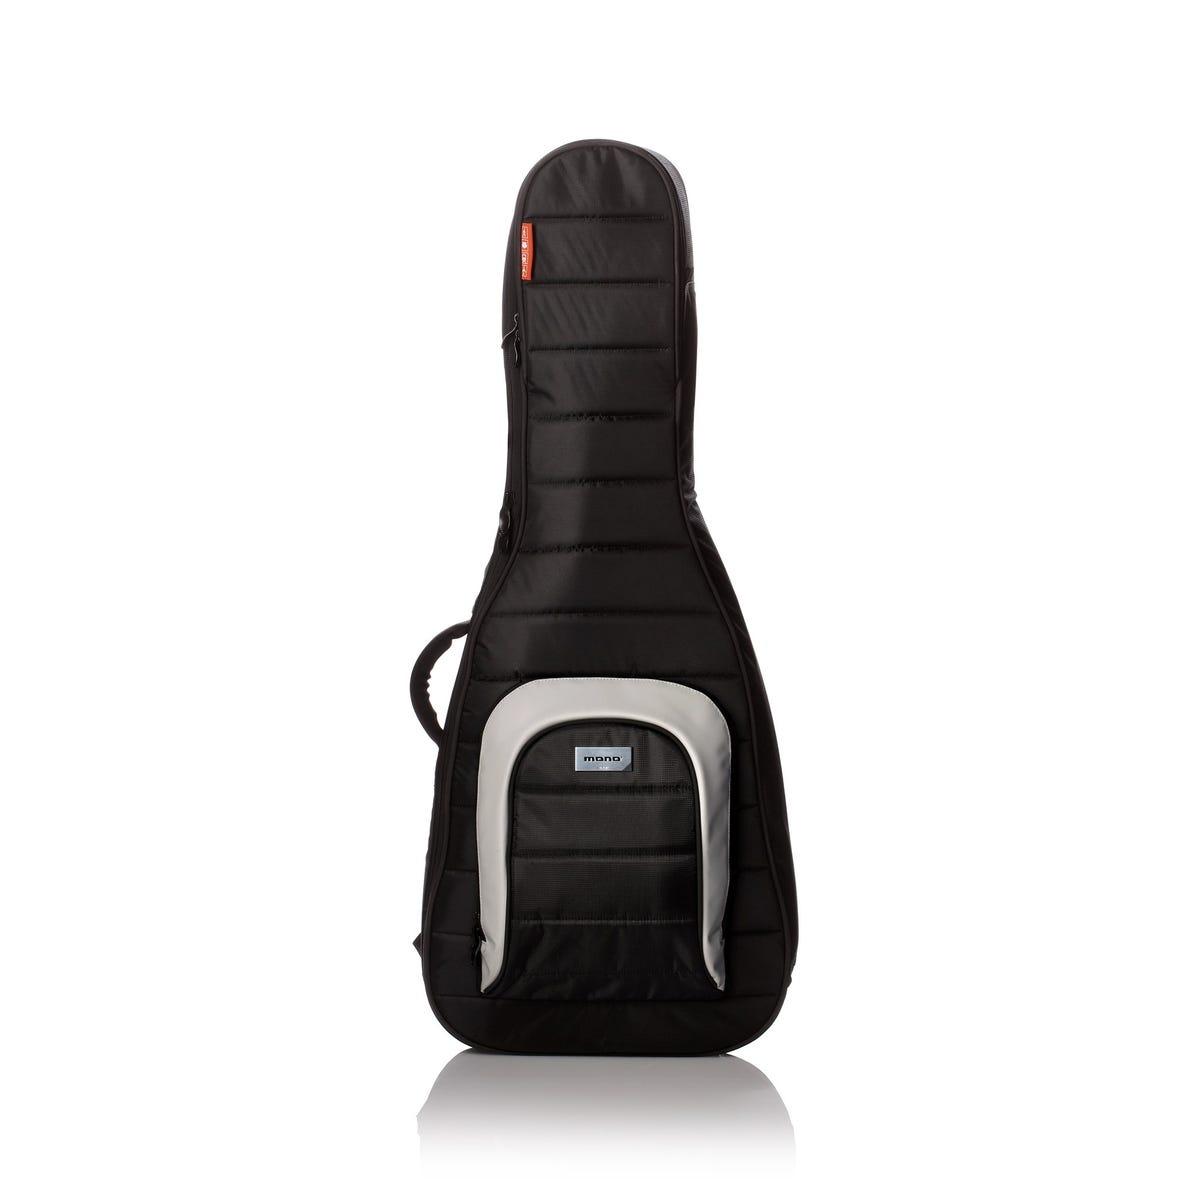 Mono M80 Acoustic Parlour Guitar Case - Black